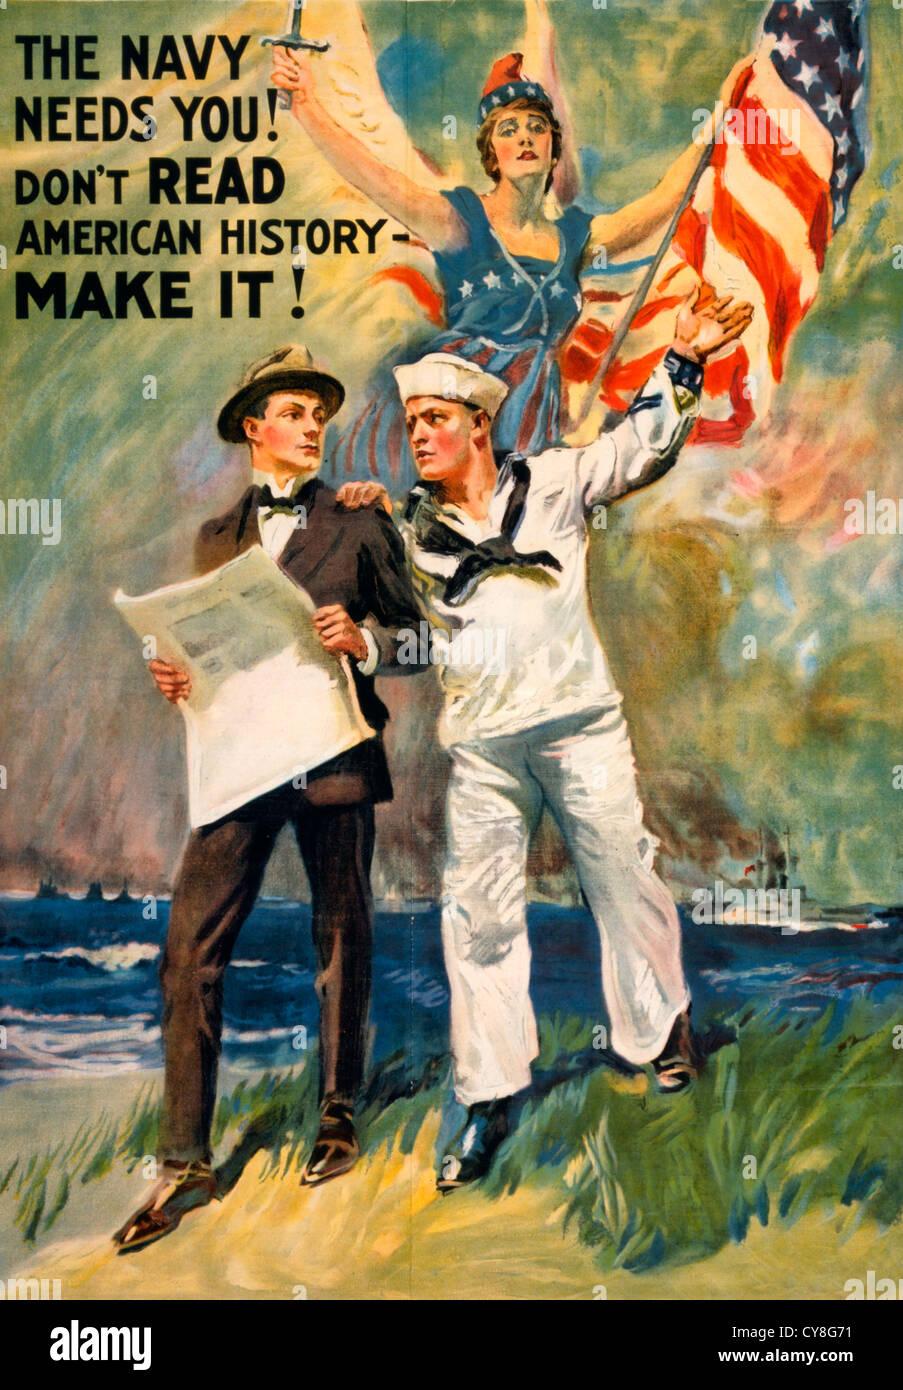 Die Marine braucht dich! Nicht amerikanischen Geschichte zu lesen - machen Sie es! WWI-Plakat zeigt ein Matrose Stockbild